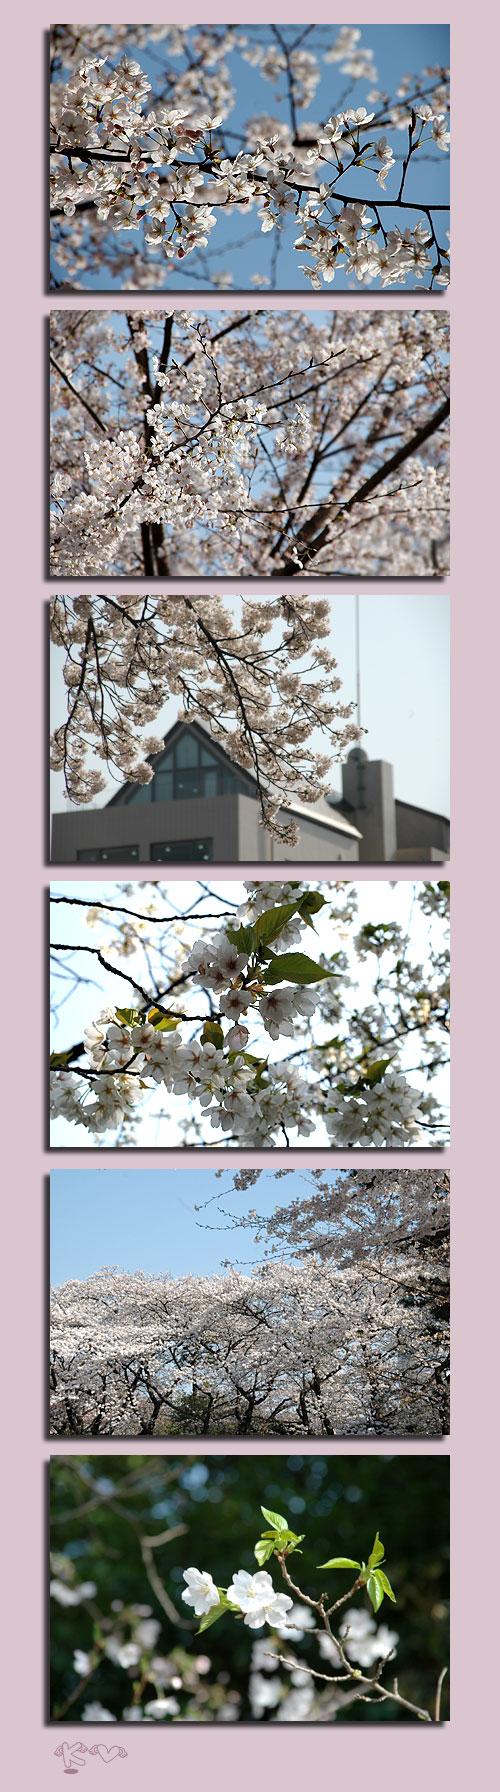 3月31日青山墓地3